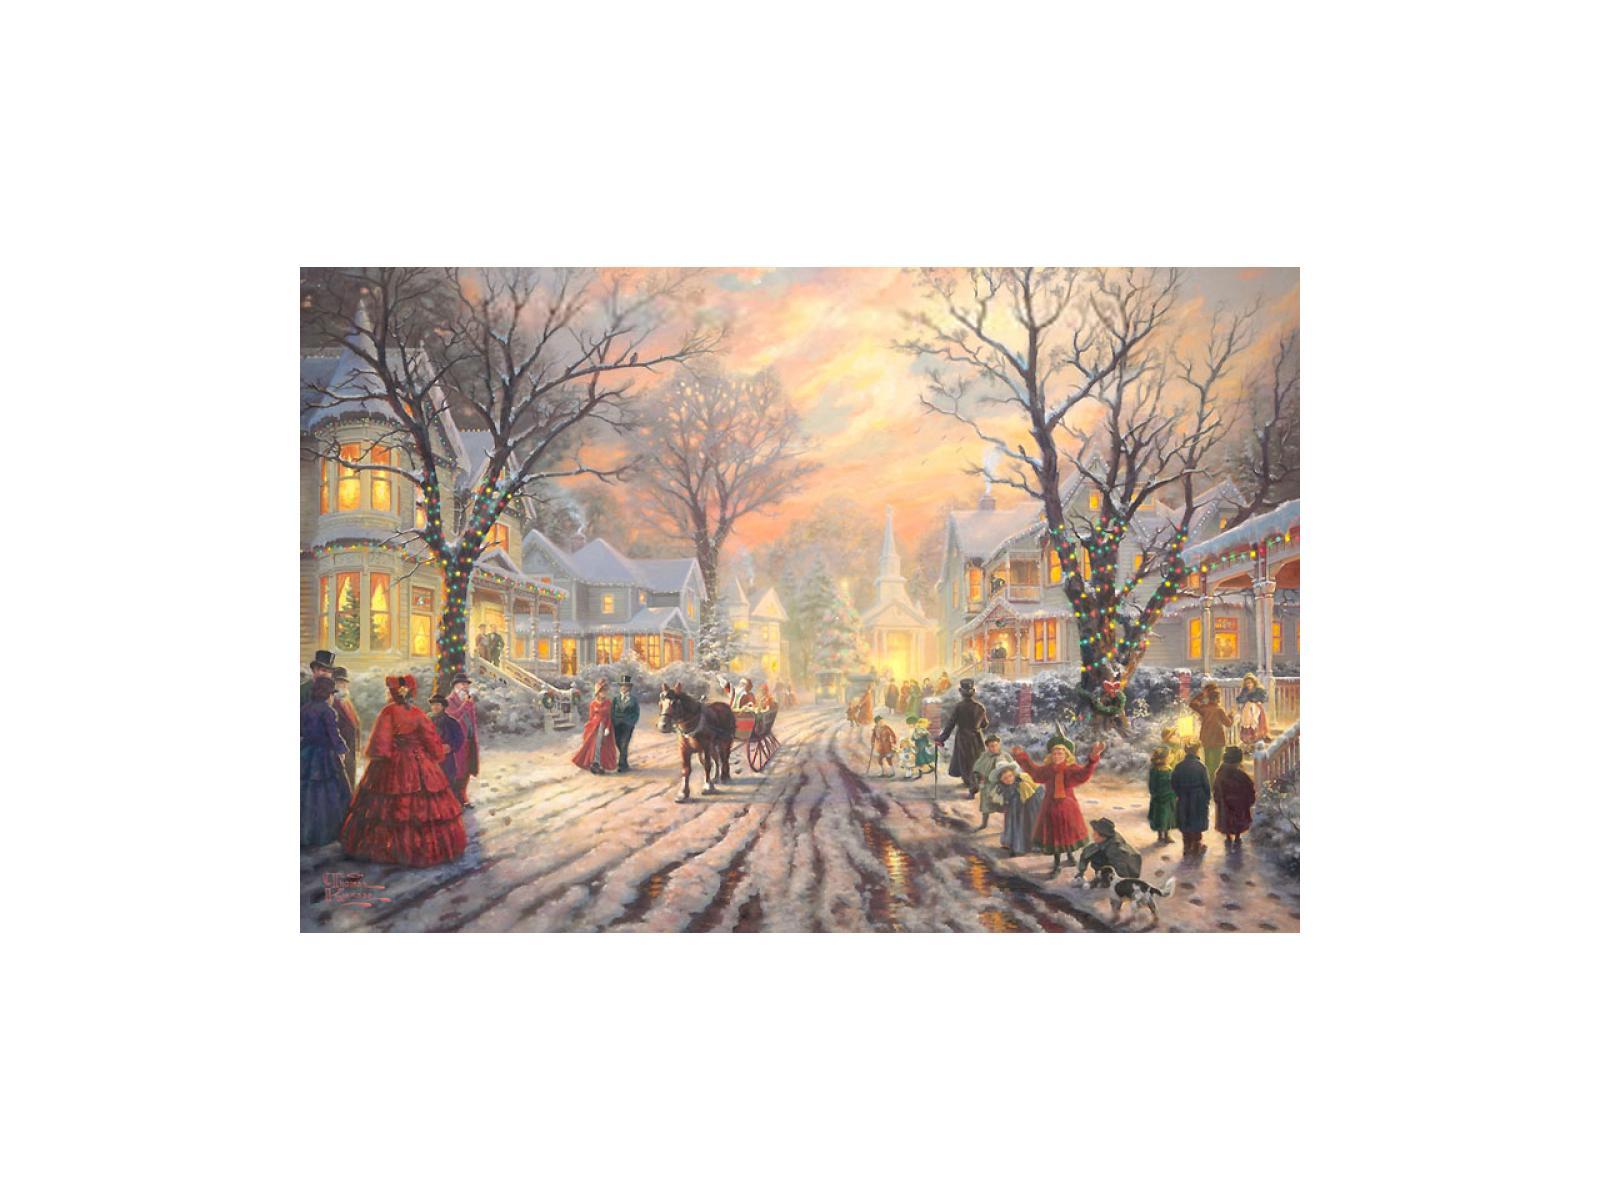 Thomas Kinkade Victorian Christmas Carol